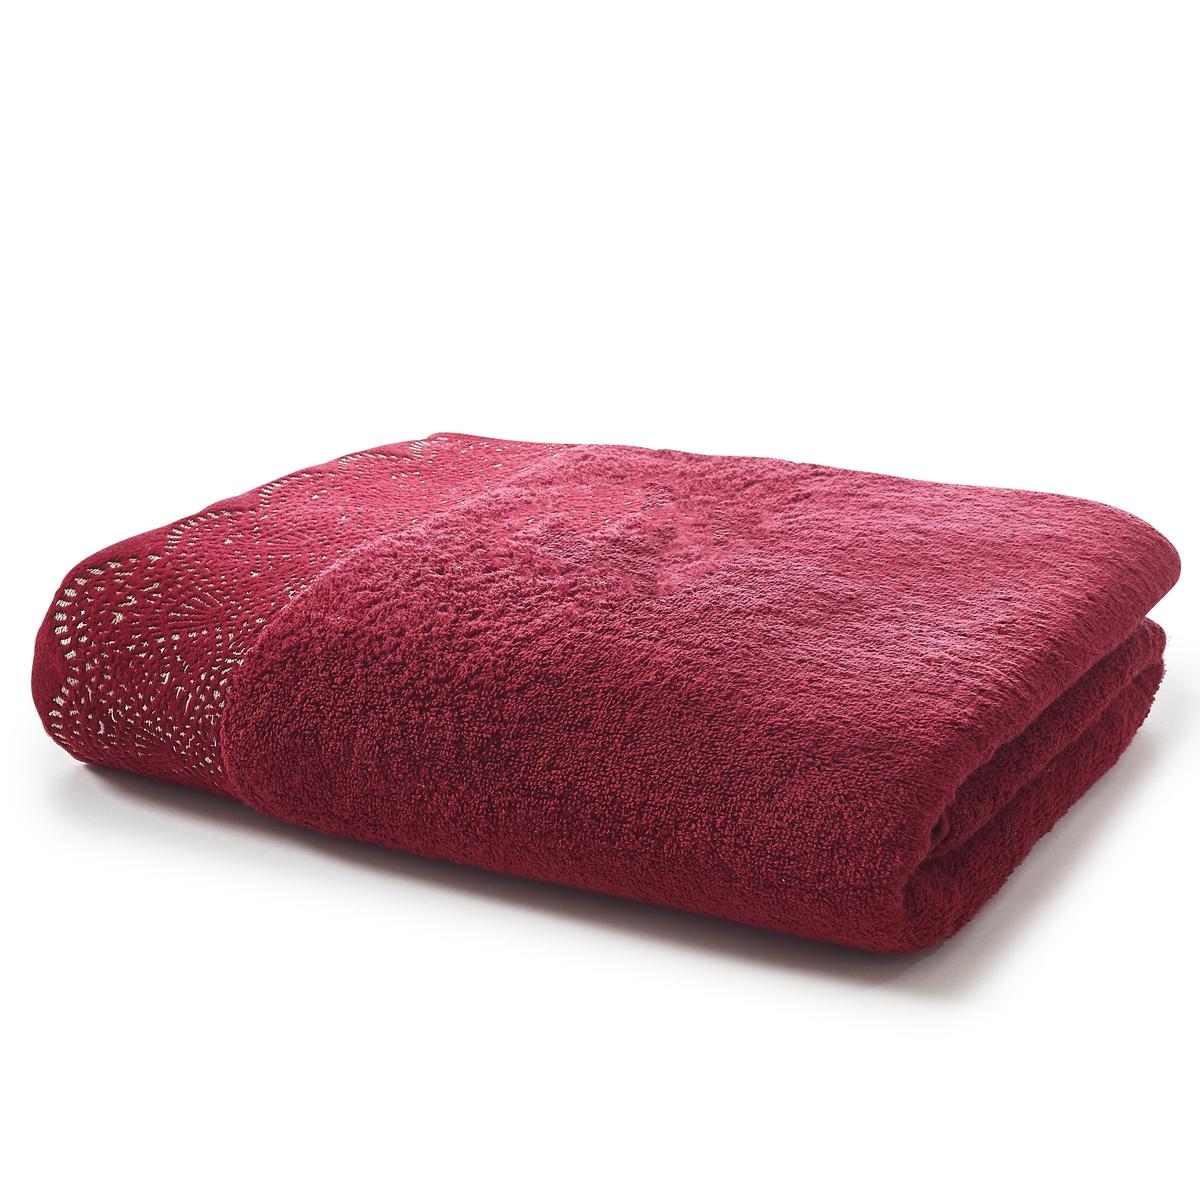 Полотенце из махровой ткани 500 г/м?, DENTELLEОднотонное полотенце, украшенное жаккардовым узором с эффектом кружева.     Характеристики полотенца Dentelle :- Махровая ткань букле из 100% хлопка (500 г/м?).- Кружевная отделка краев.- Машинная стирка при 60 °С.- Машинная сушка при умеренной температуре.- Замечательная износоустойчивость, сохраняет мягкость и яркость окраски после многочисленных стирок.- Размеры : 50 x 100 см.<br><br>Цвет: светло-синий,сливовый<br>Размер: 50 x 100 см